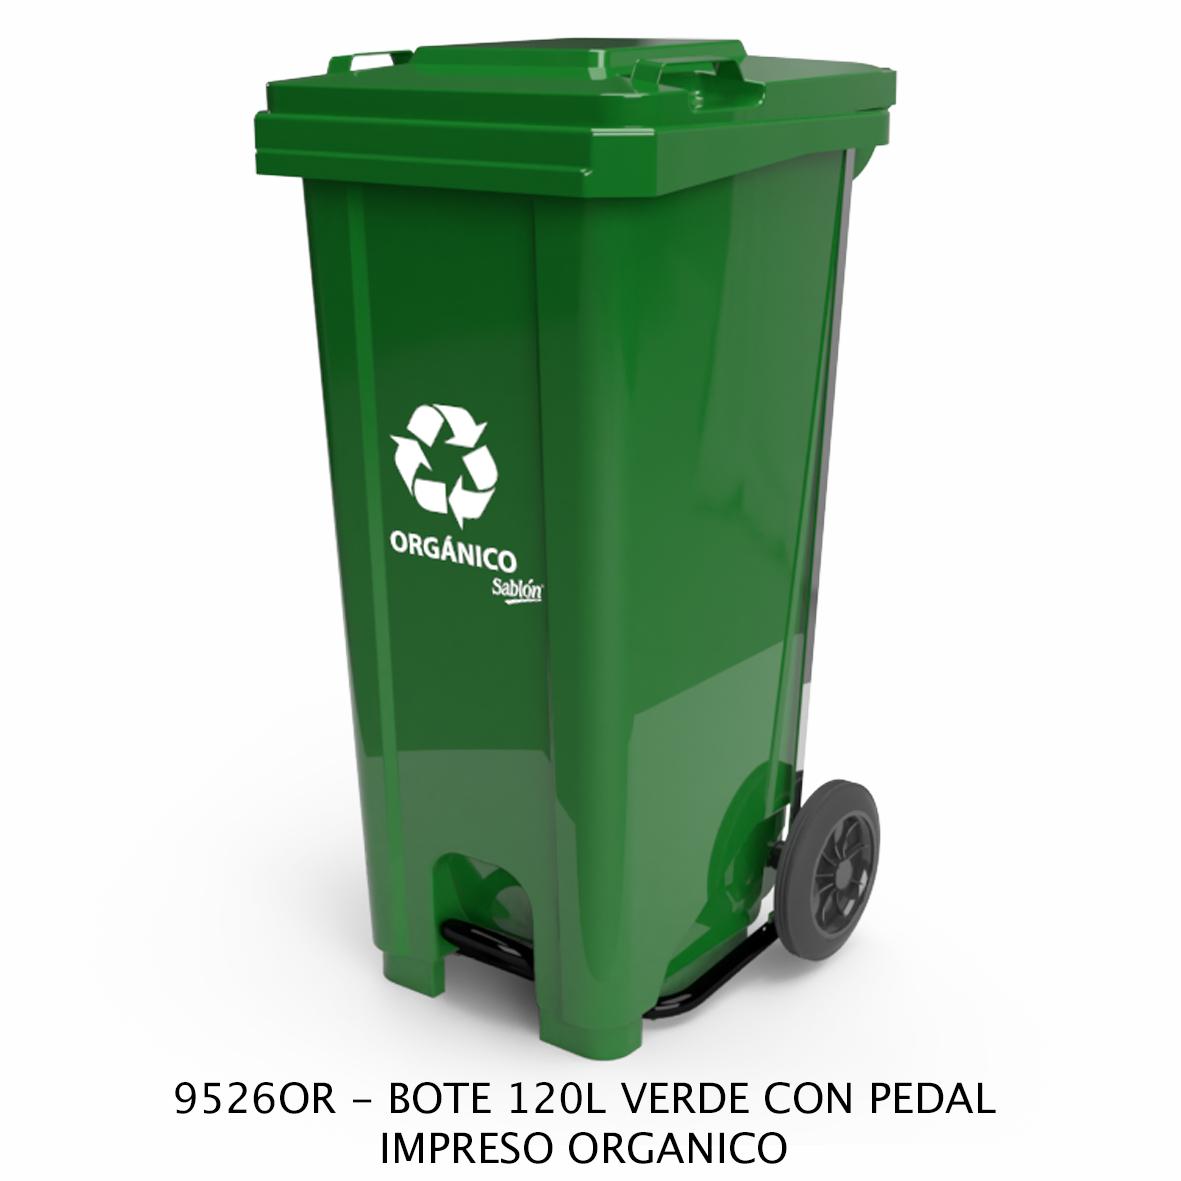 Bote de basura de 120 litros con pedal con impreso orgánico color verde modelo 9526OR de Sablón